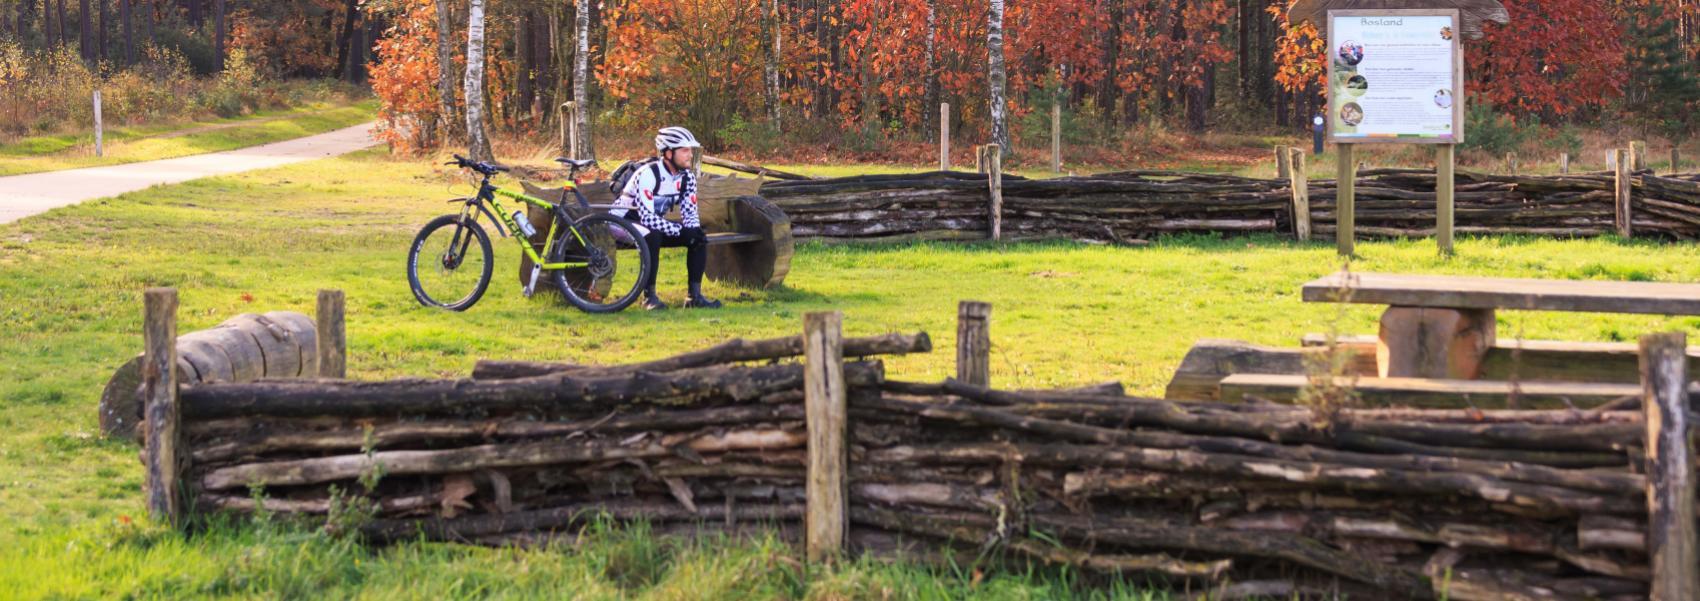 een fietser rust op een bankje in de vlindervallei